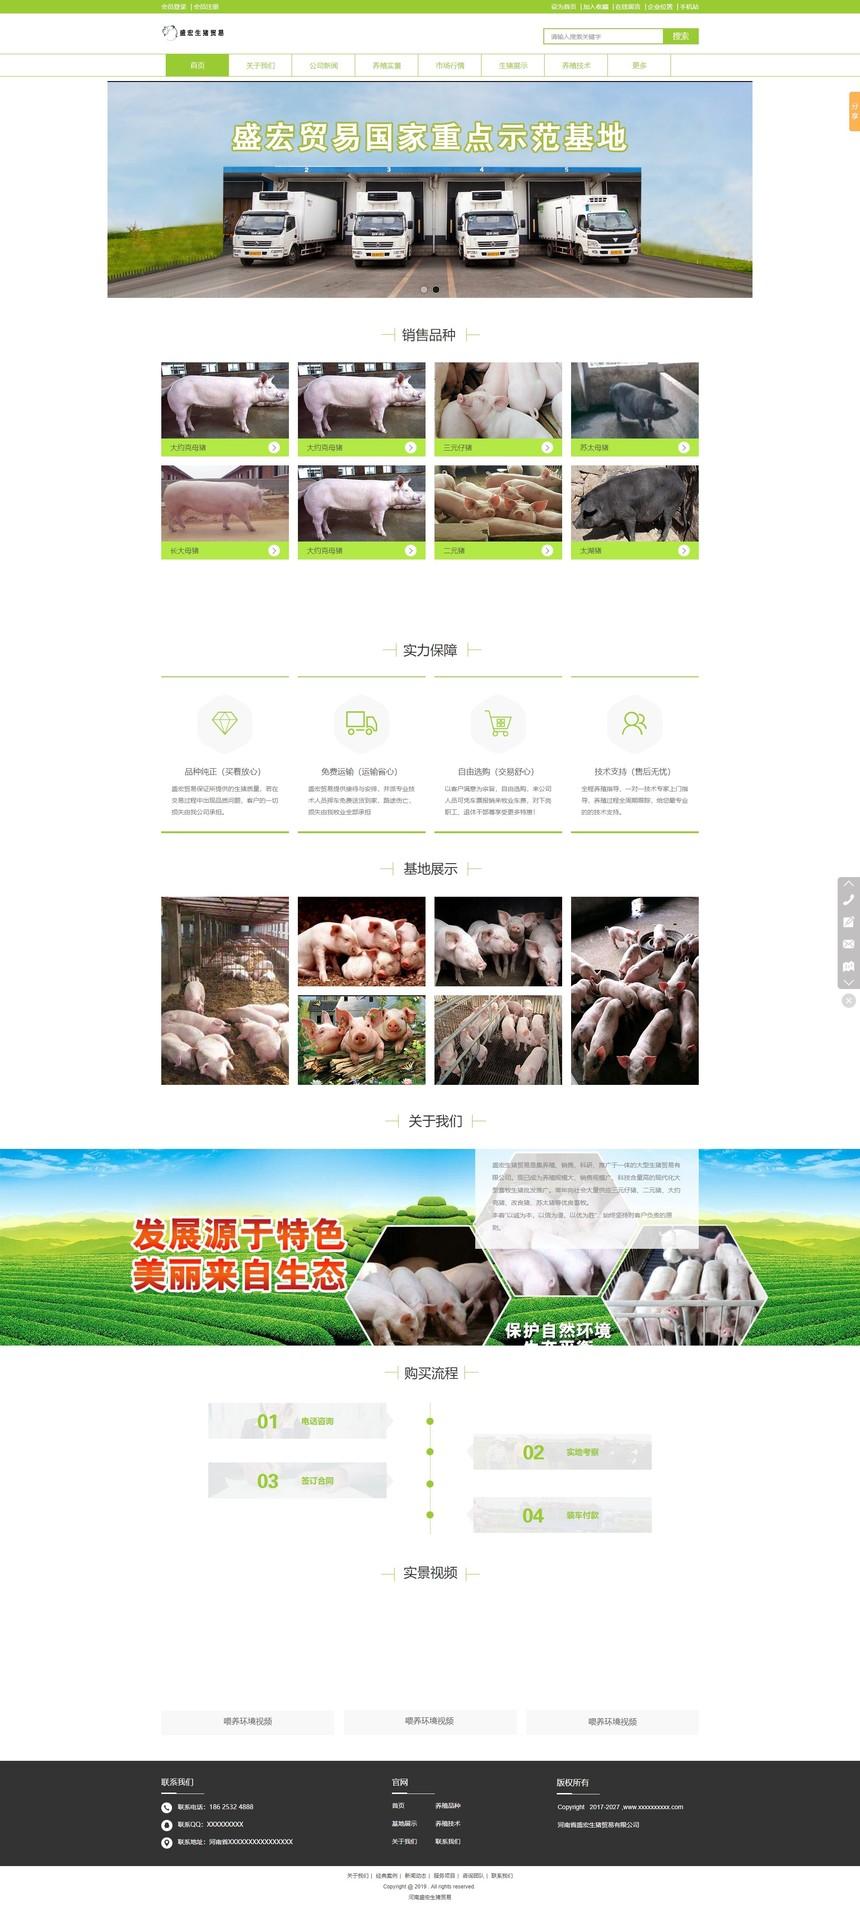 河南盛宏生猪贸易.jpg